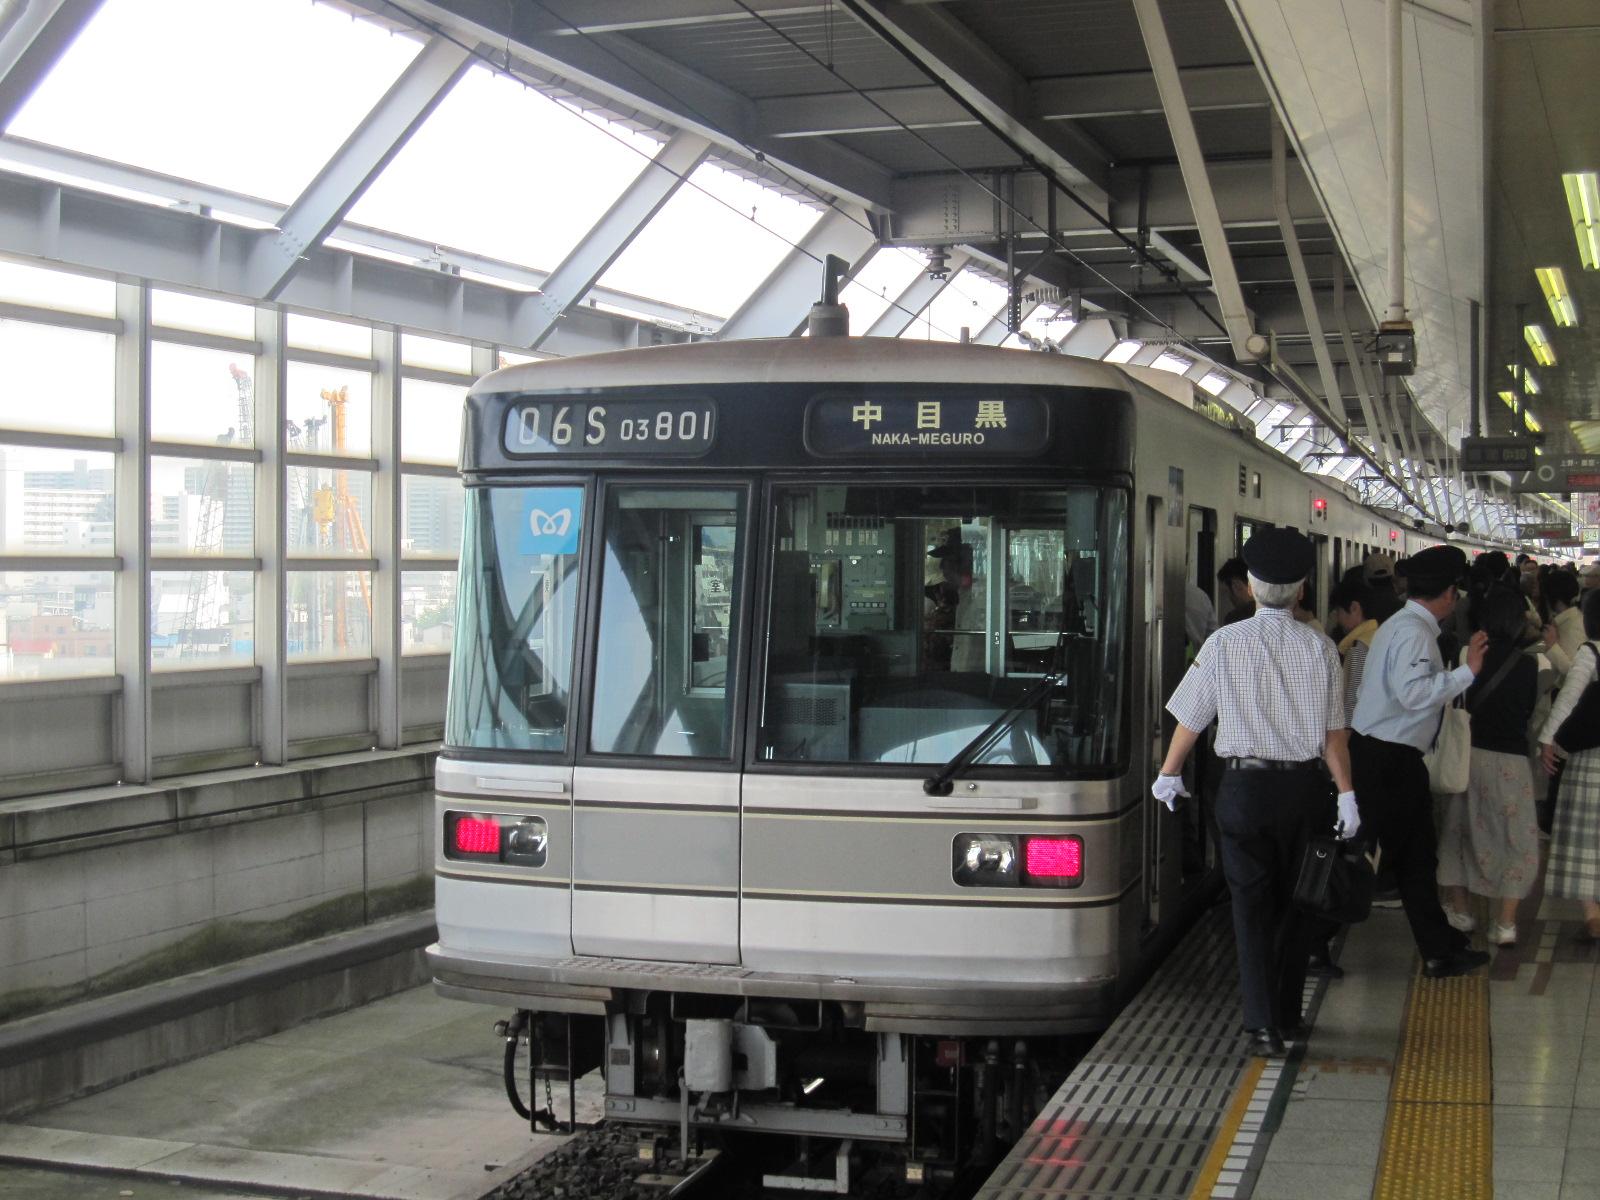 東京メトロ03系~その1 | わさびくま日記 - 楽天ブログ